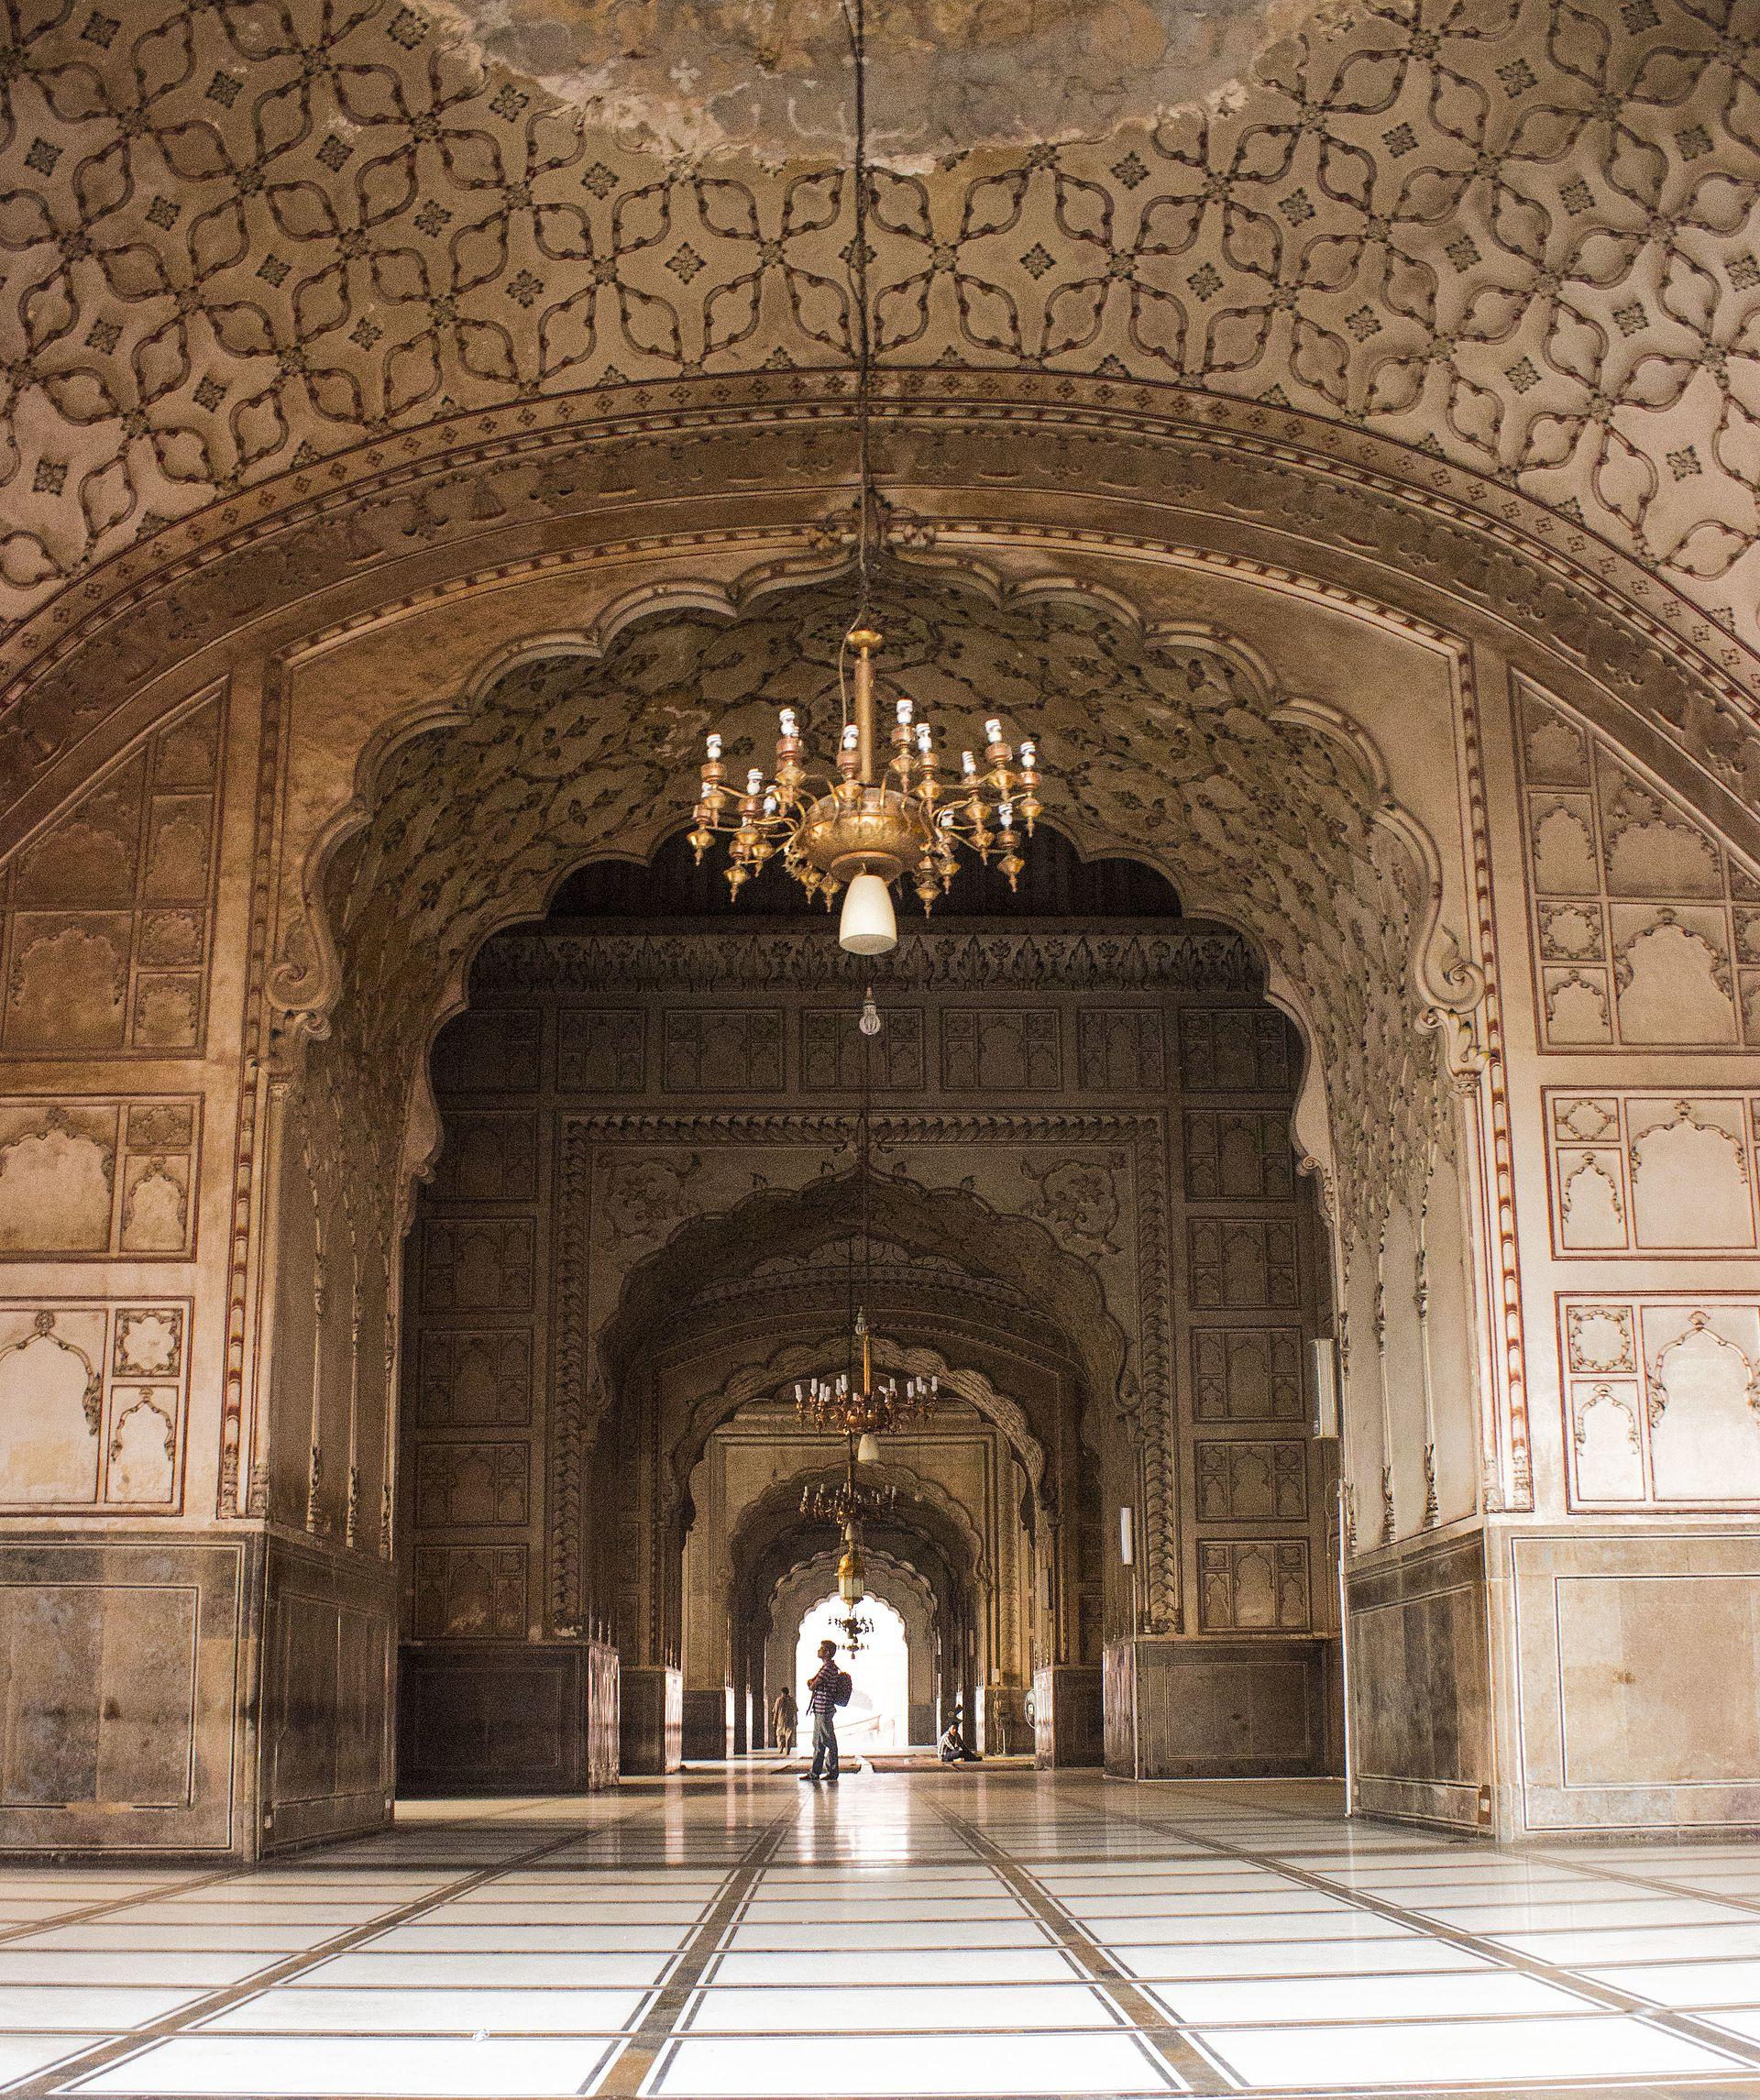 _1920px-Badshahi_Mosque_King_E2_80_99s_Mosque_1386615471072895004.jpg